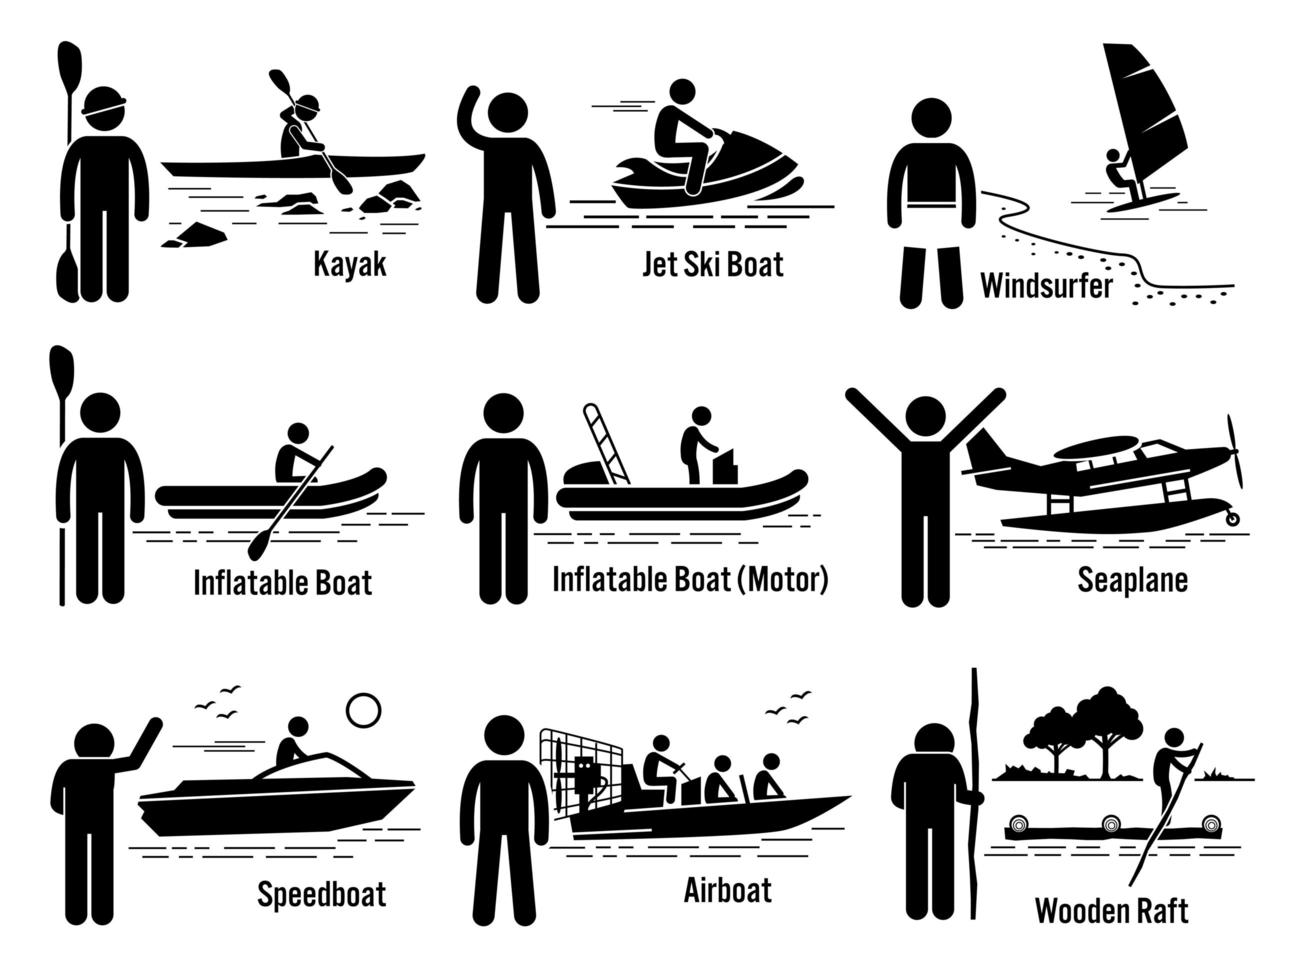 vatten havet fritidsfordon och människor som. vektor